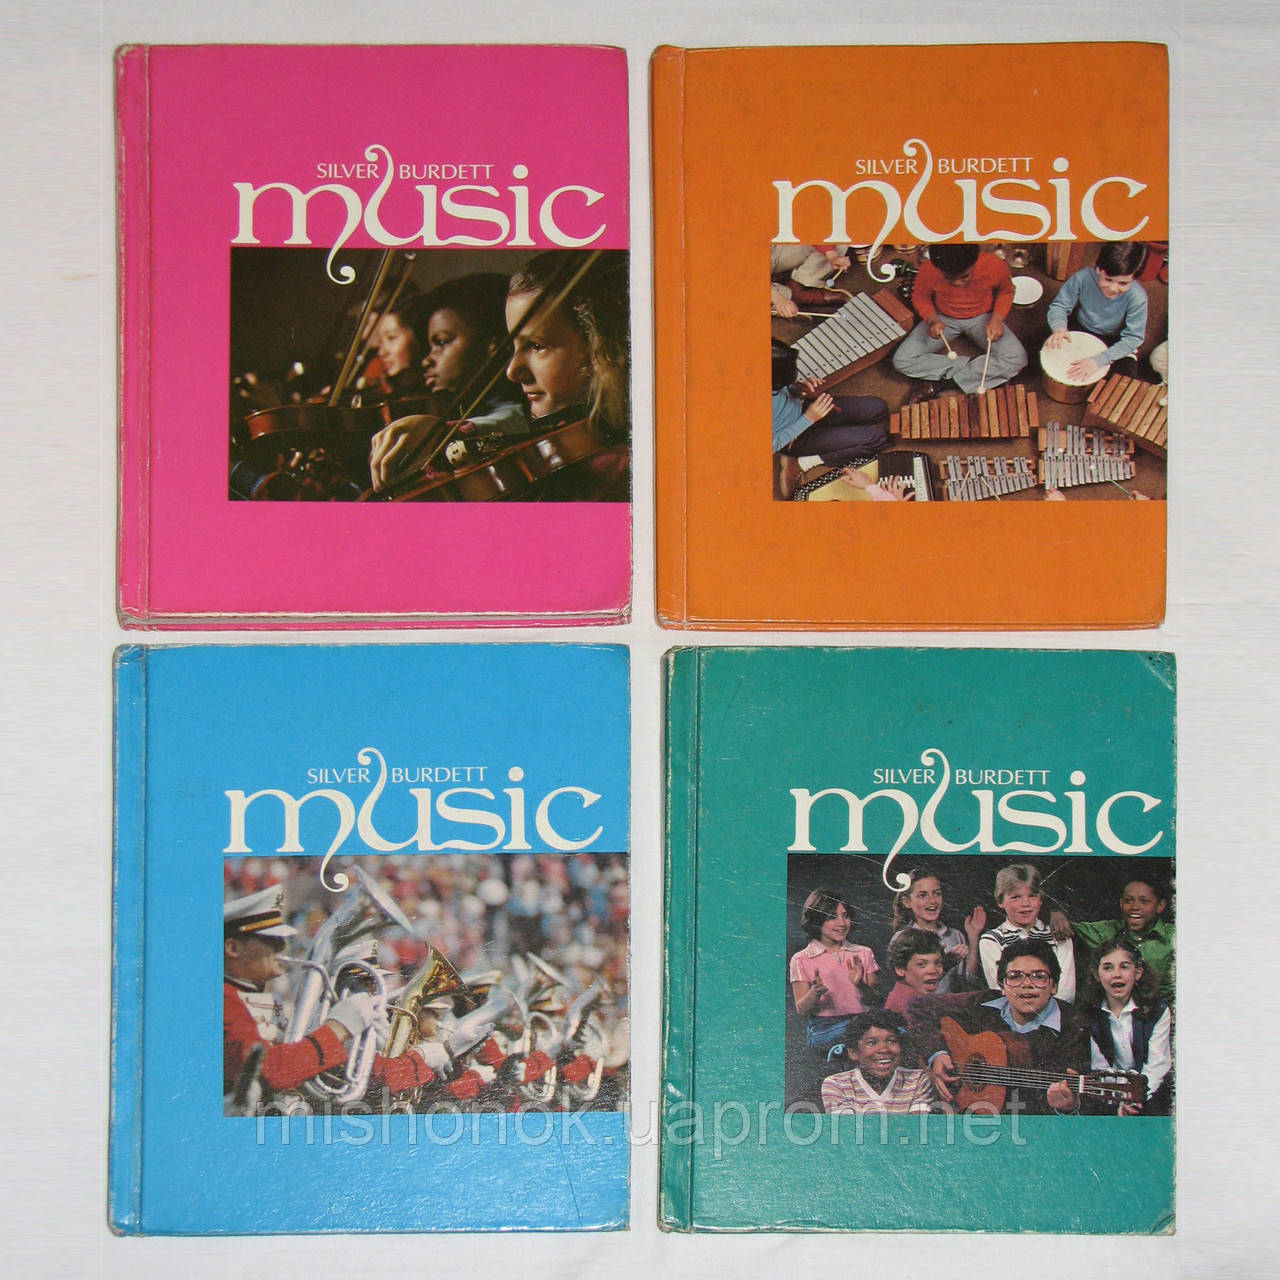 """Комплект книг по музыке из США """"Music"""" Silver Burdett по обучению музыке в школах, на англ. языке"""